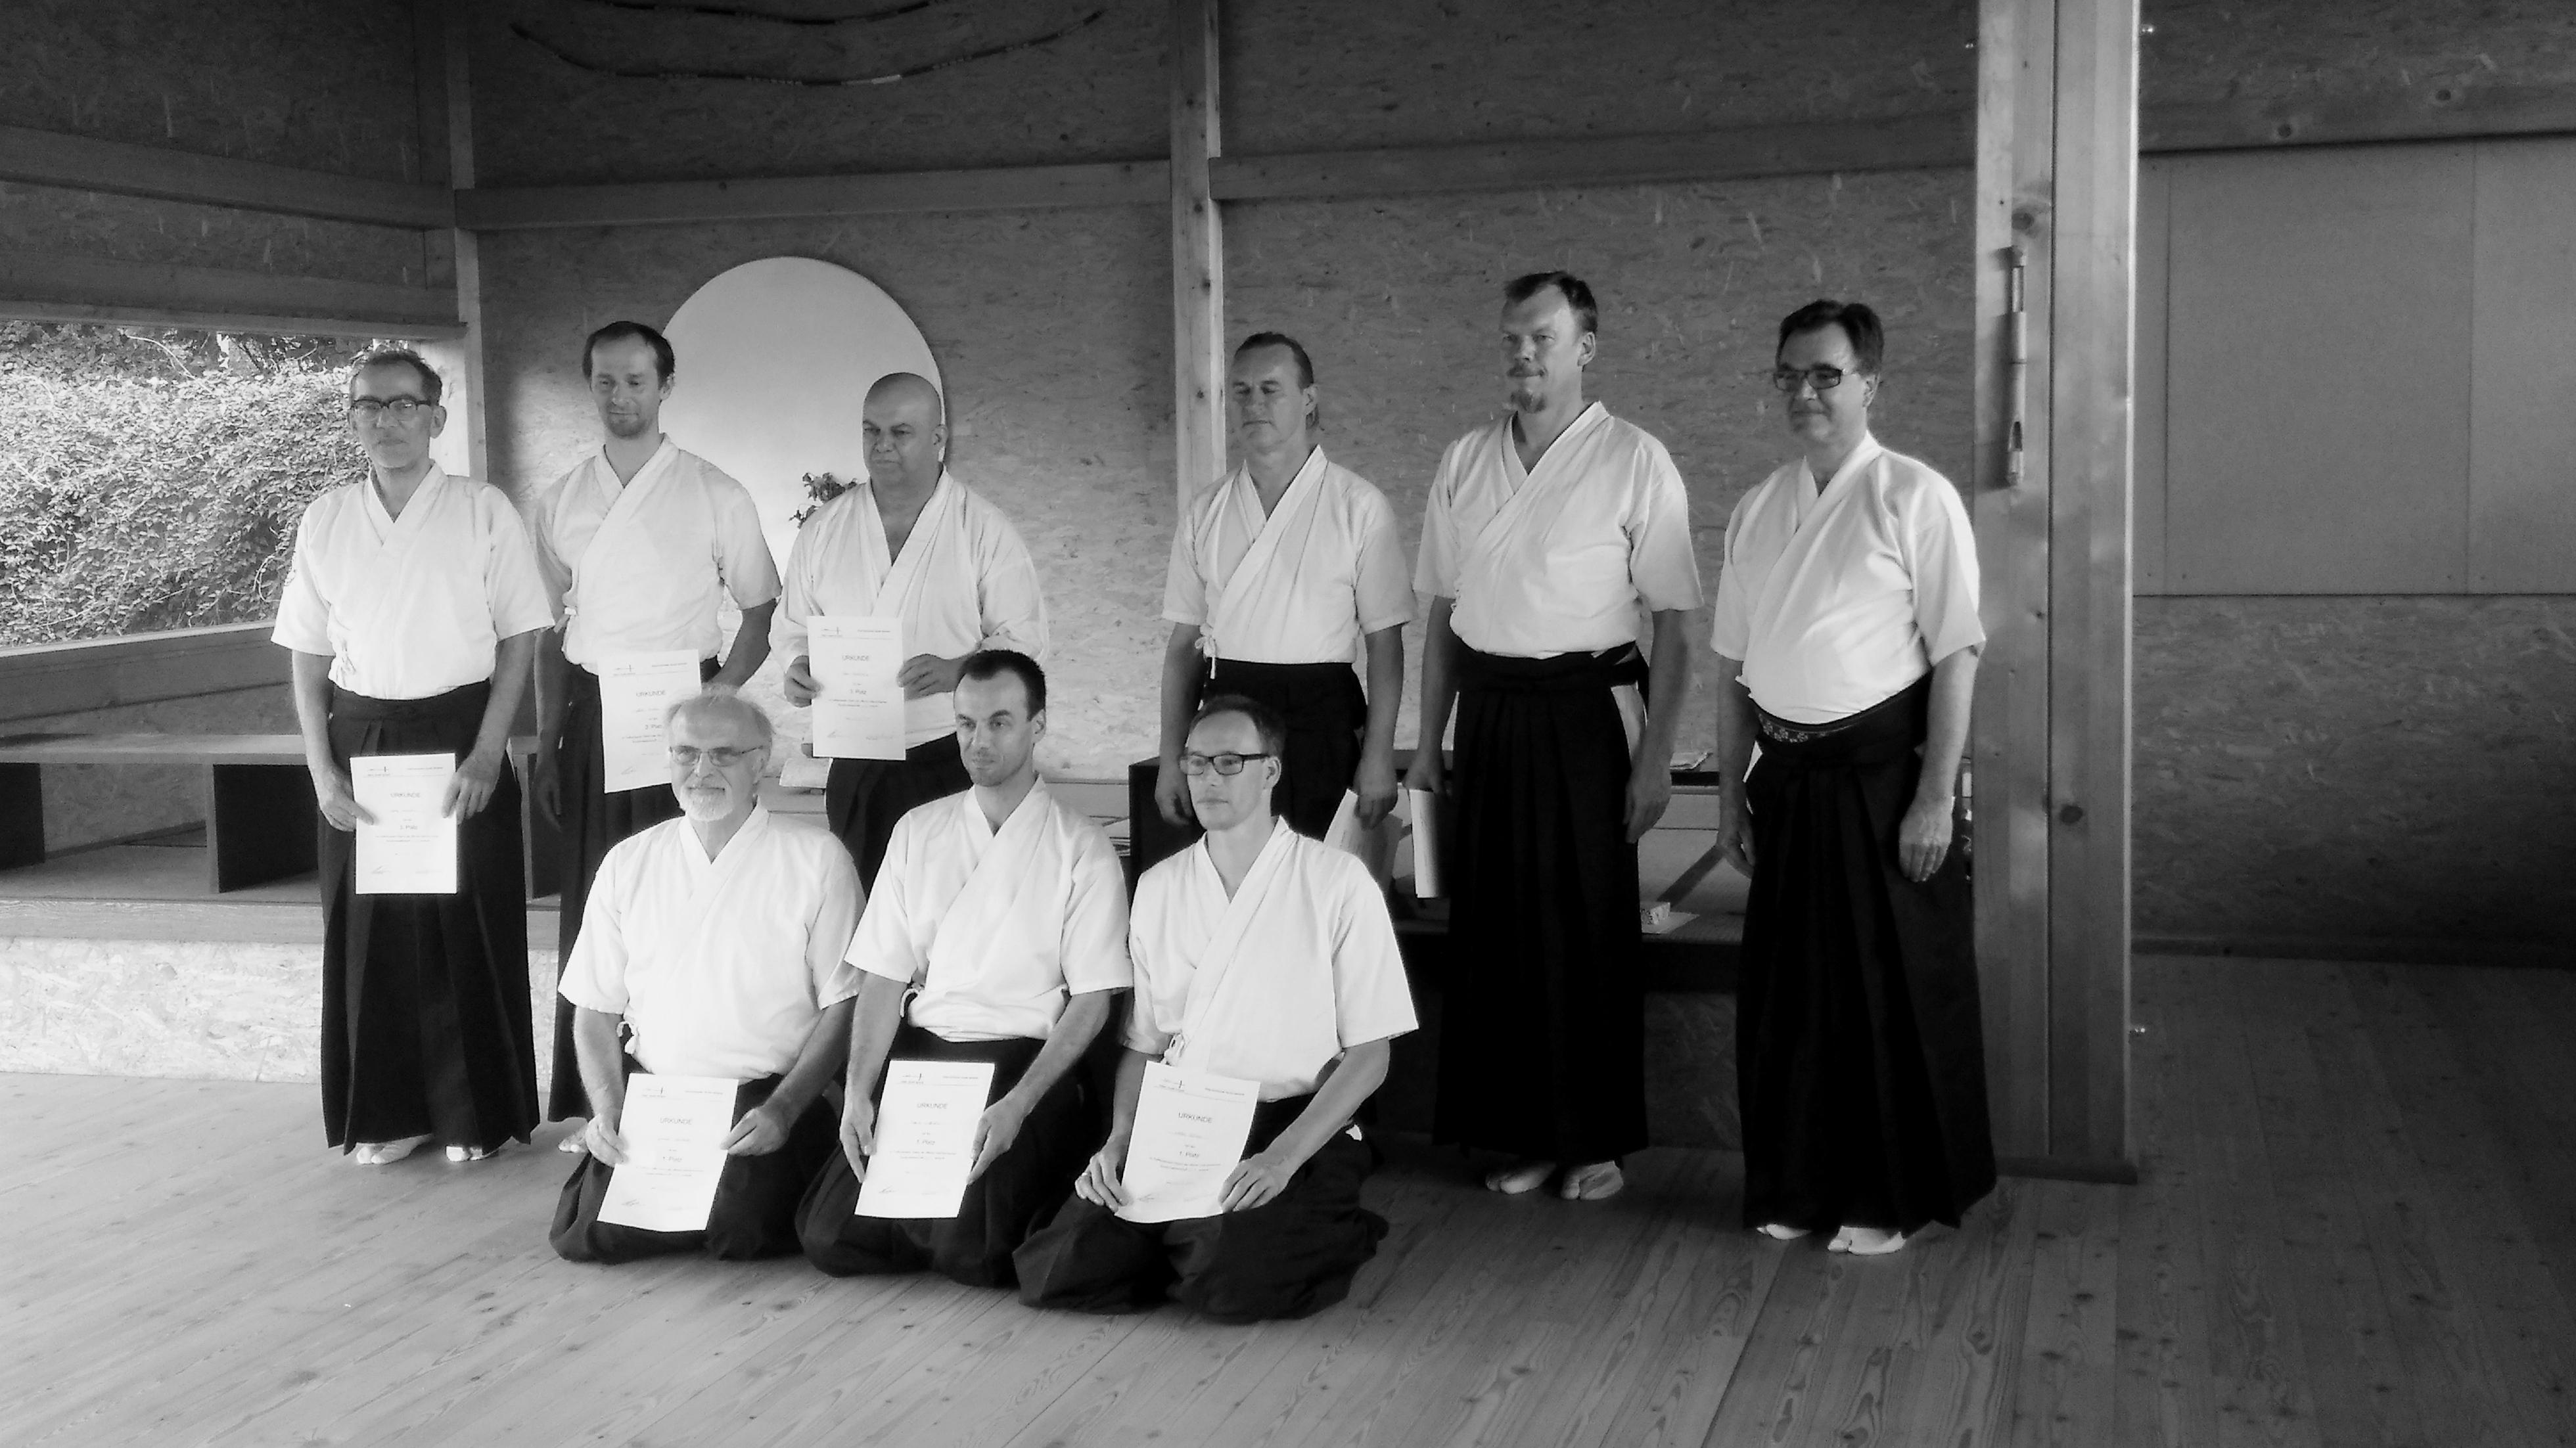 rechts stehend: Team Momiji 1 links stehend: Team Seishin sitzend: Team Melange